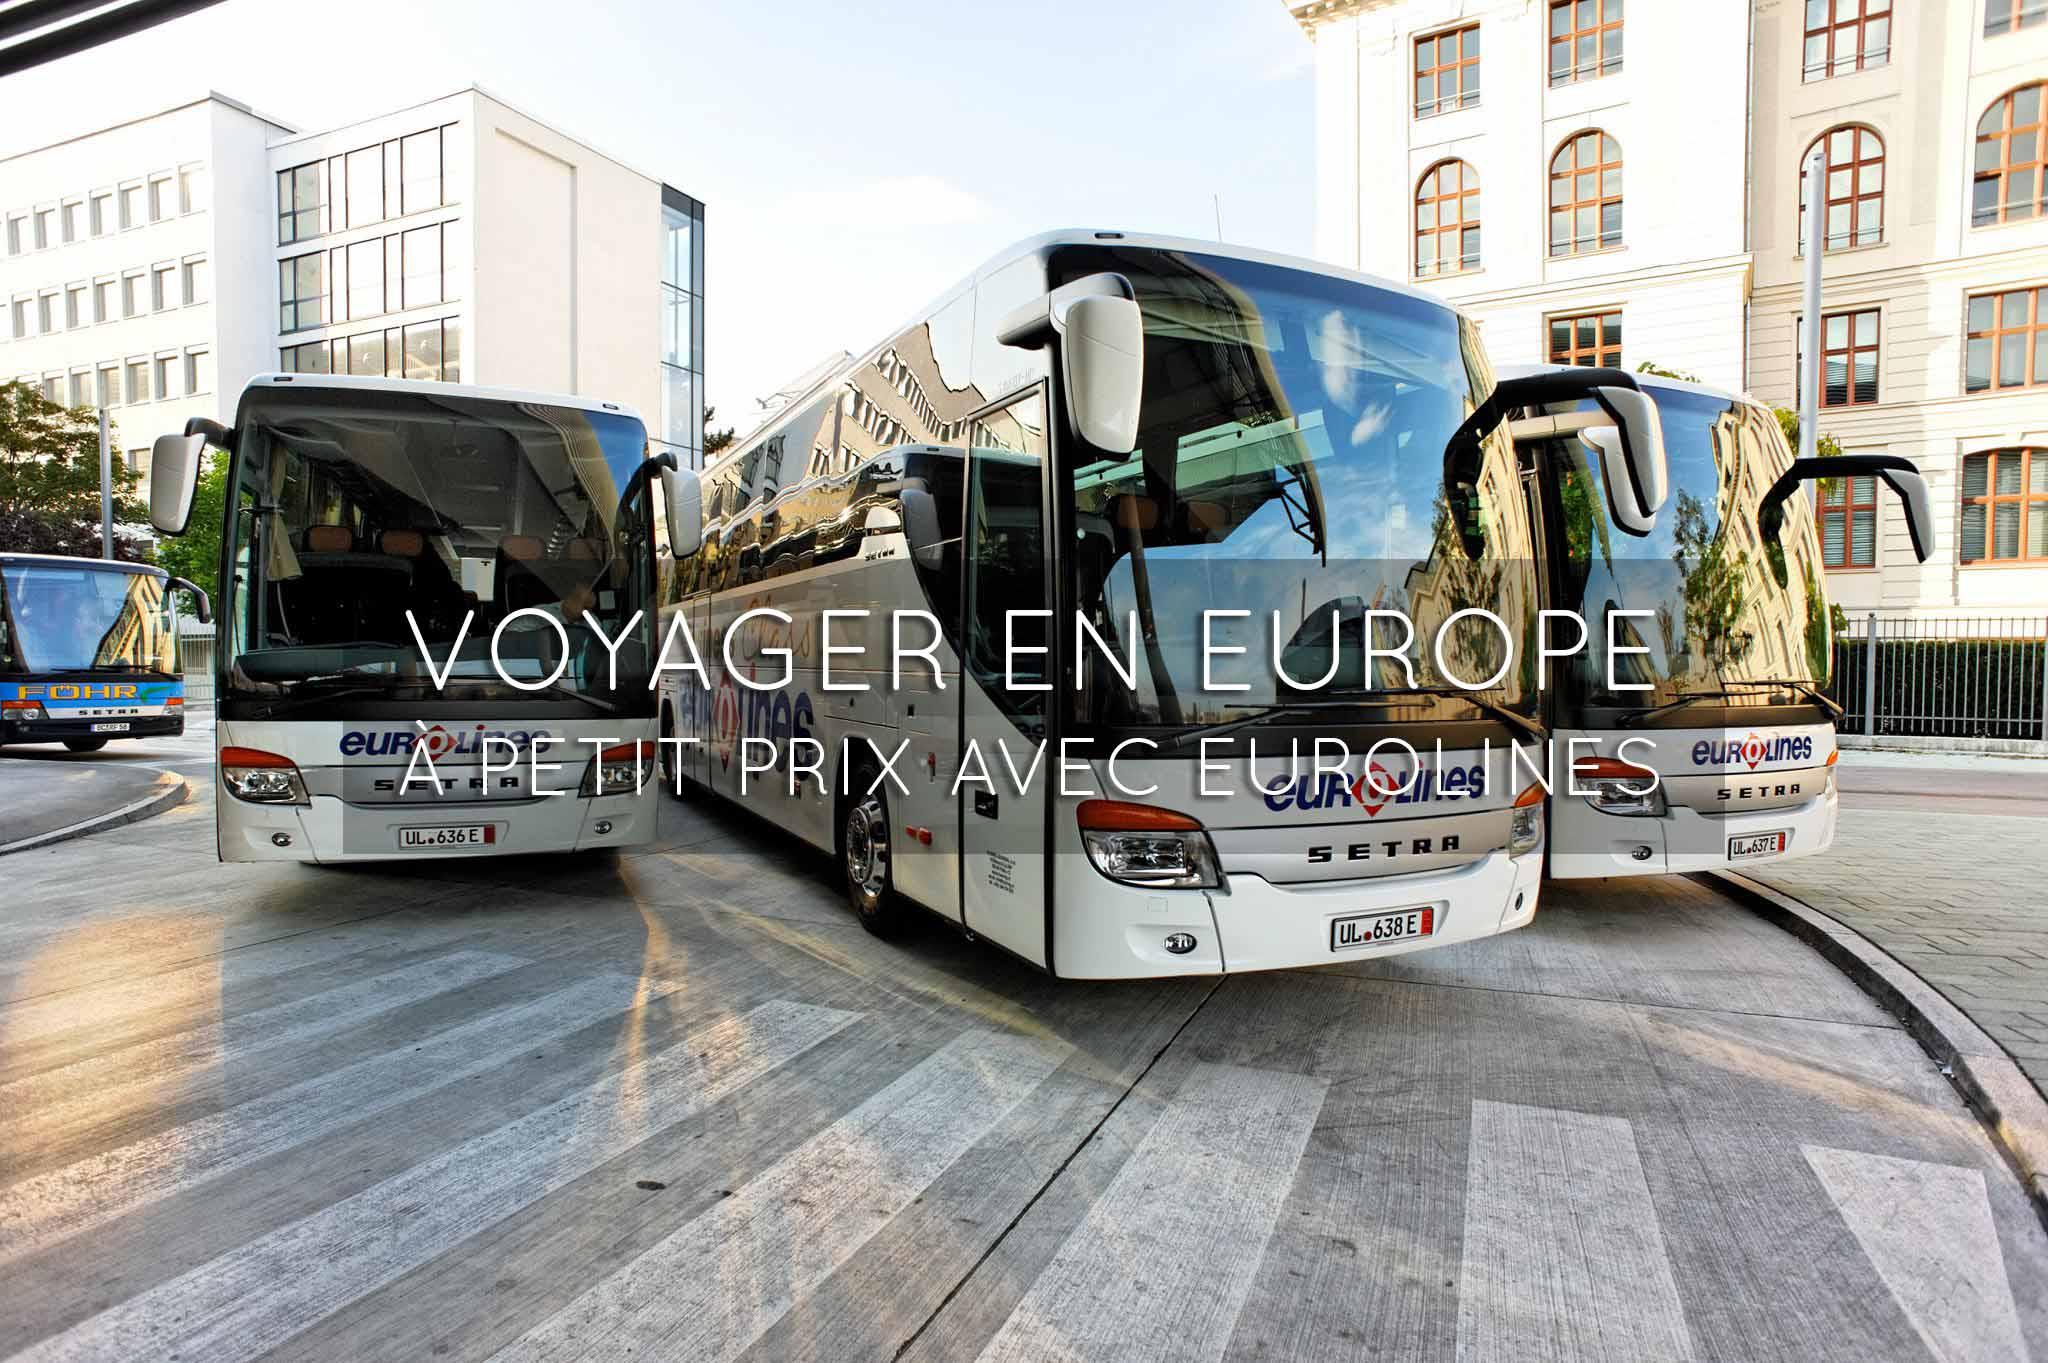 voyage bus europe